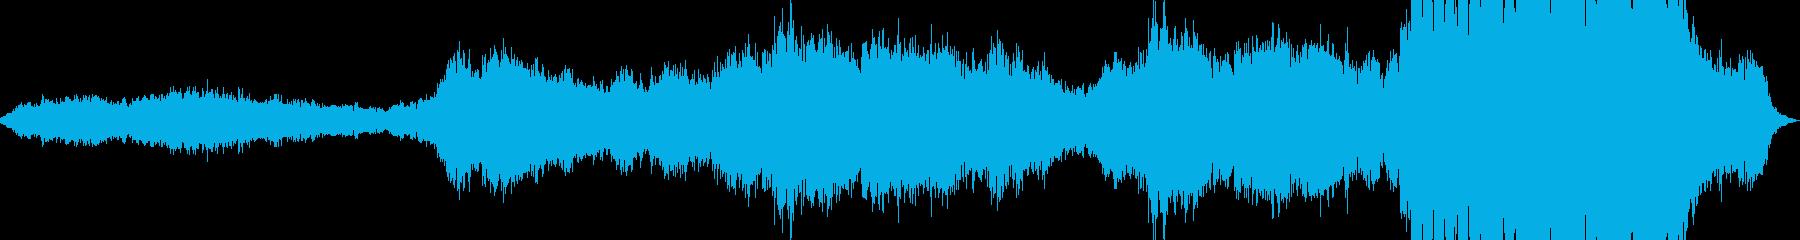 無機質なうねりのあるシンセが印象的の再生済みの波形